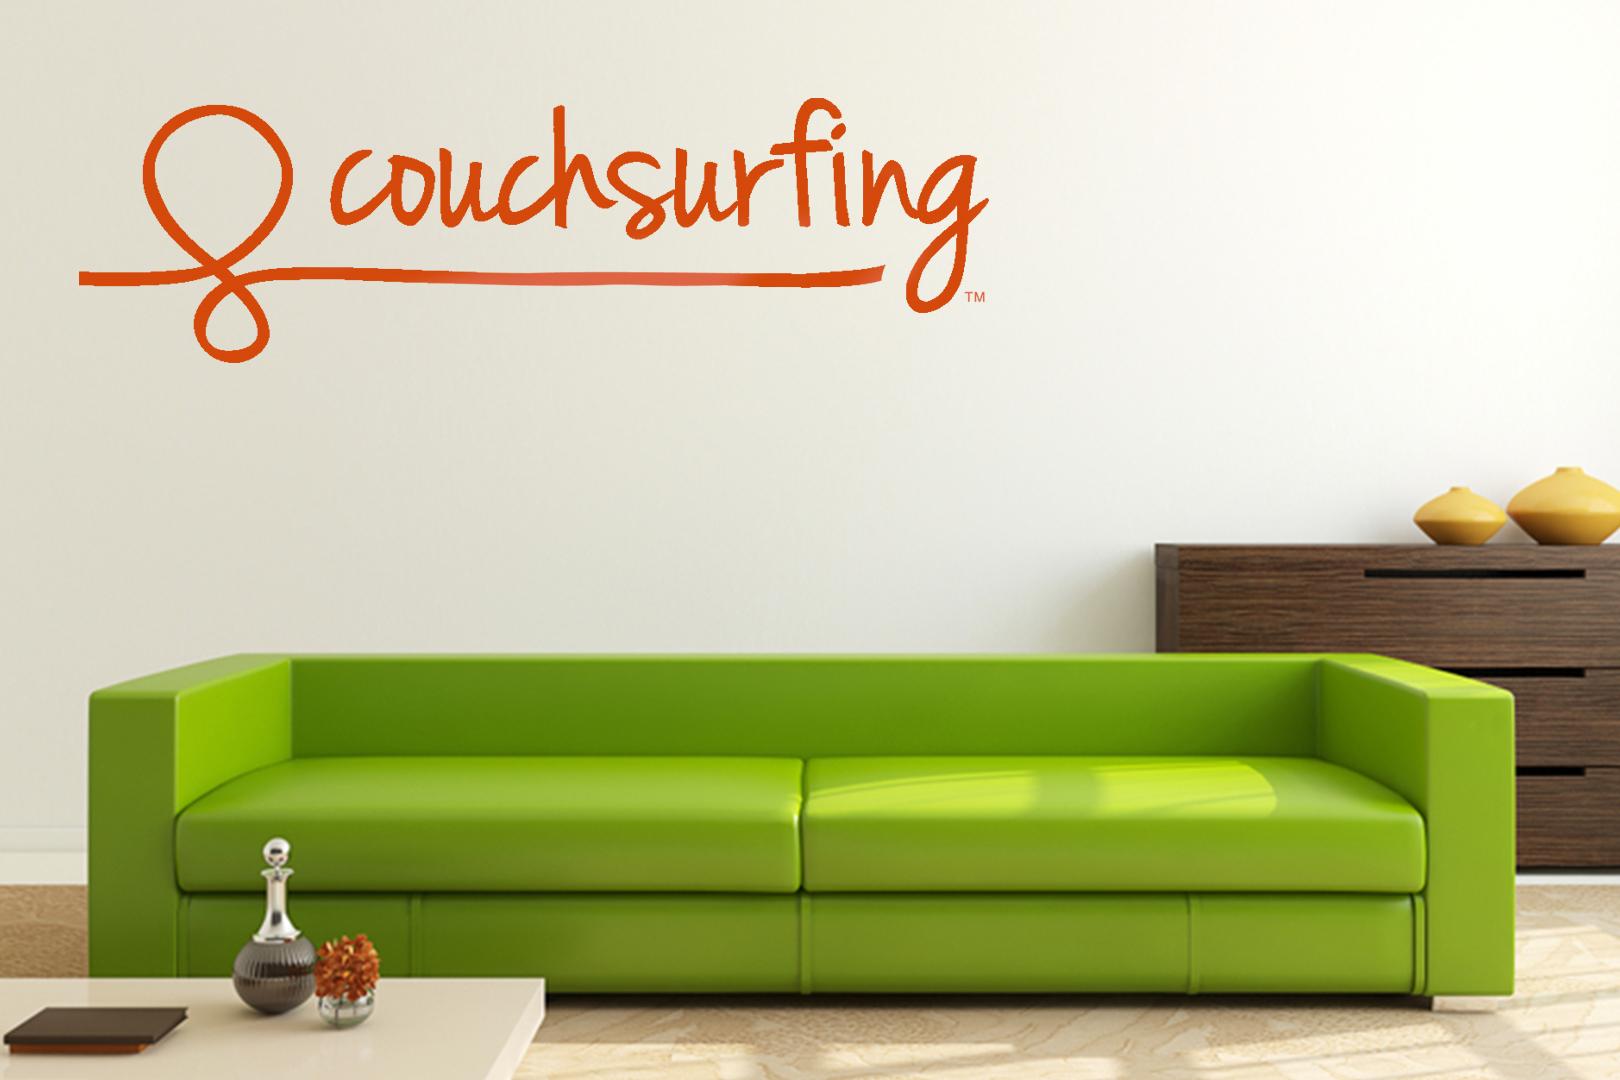 Courchsurfing